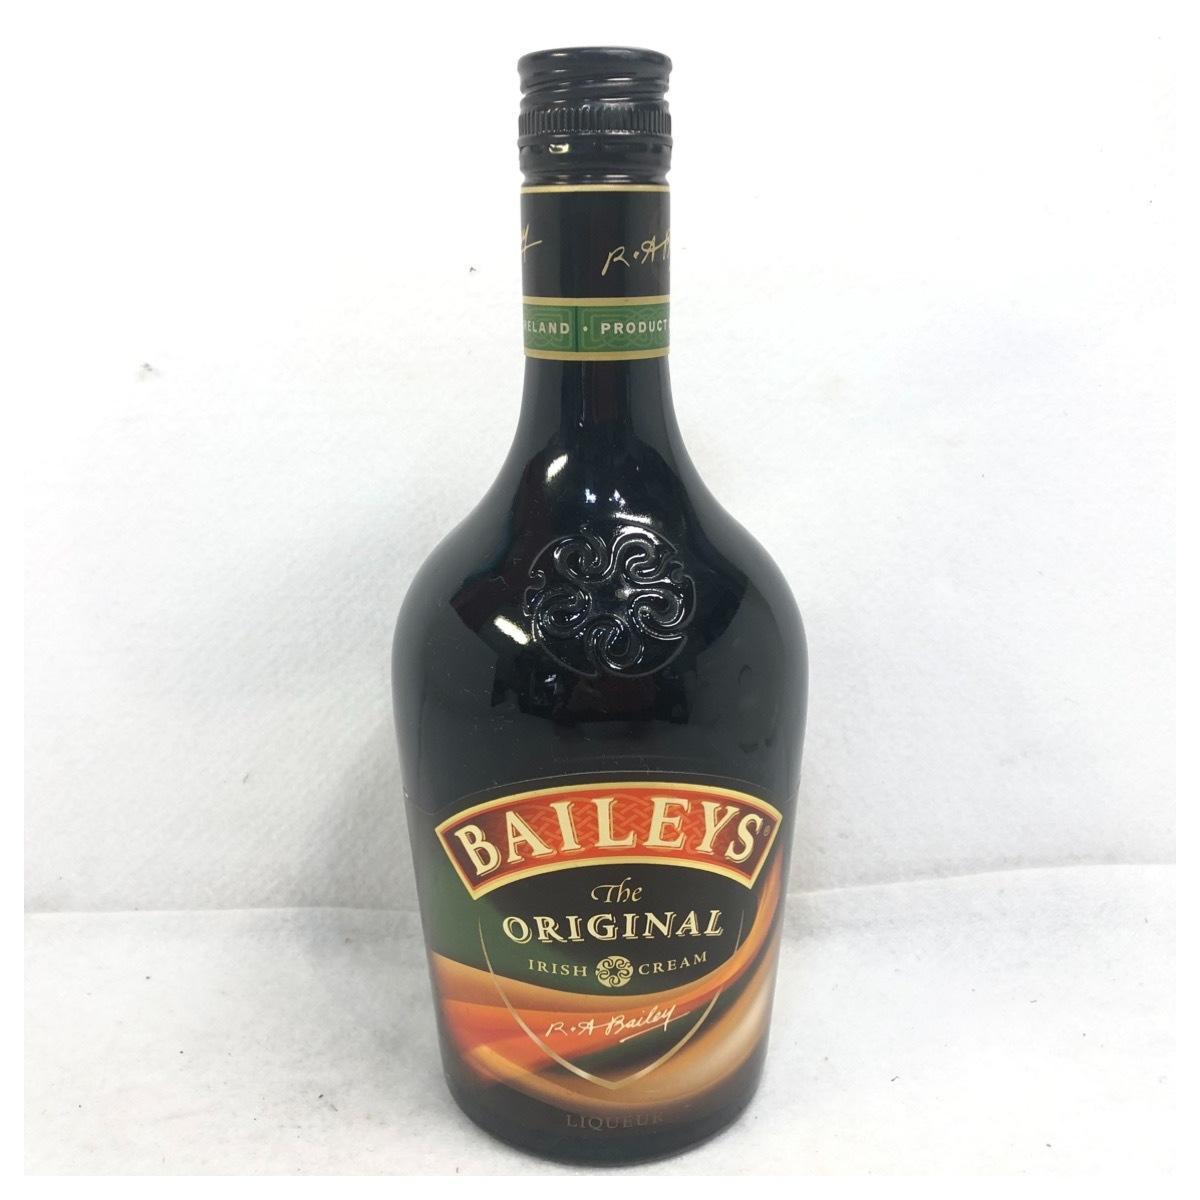 【未成年の飲酒は法律で禁じられています】ベイリーズ オリジナル 700ml17度 アイリッシュクリームリキュール2007年製旧ボトル_画像1